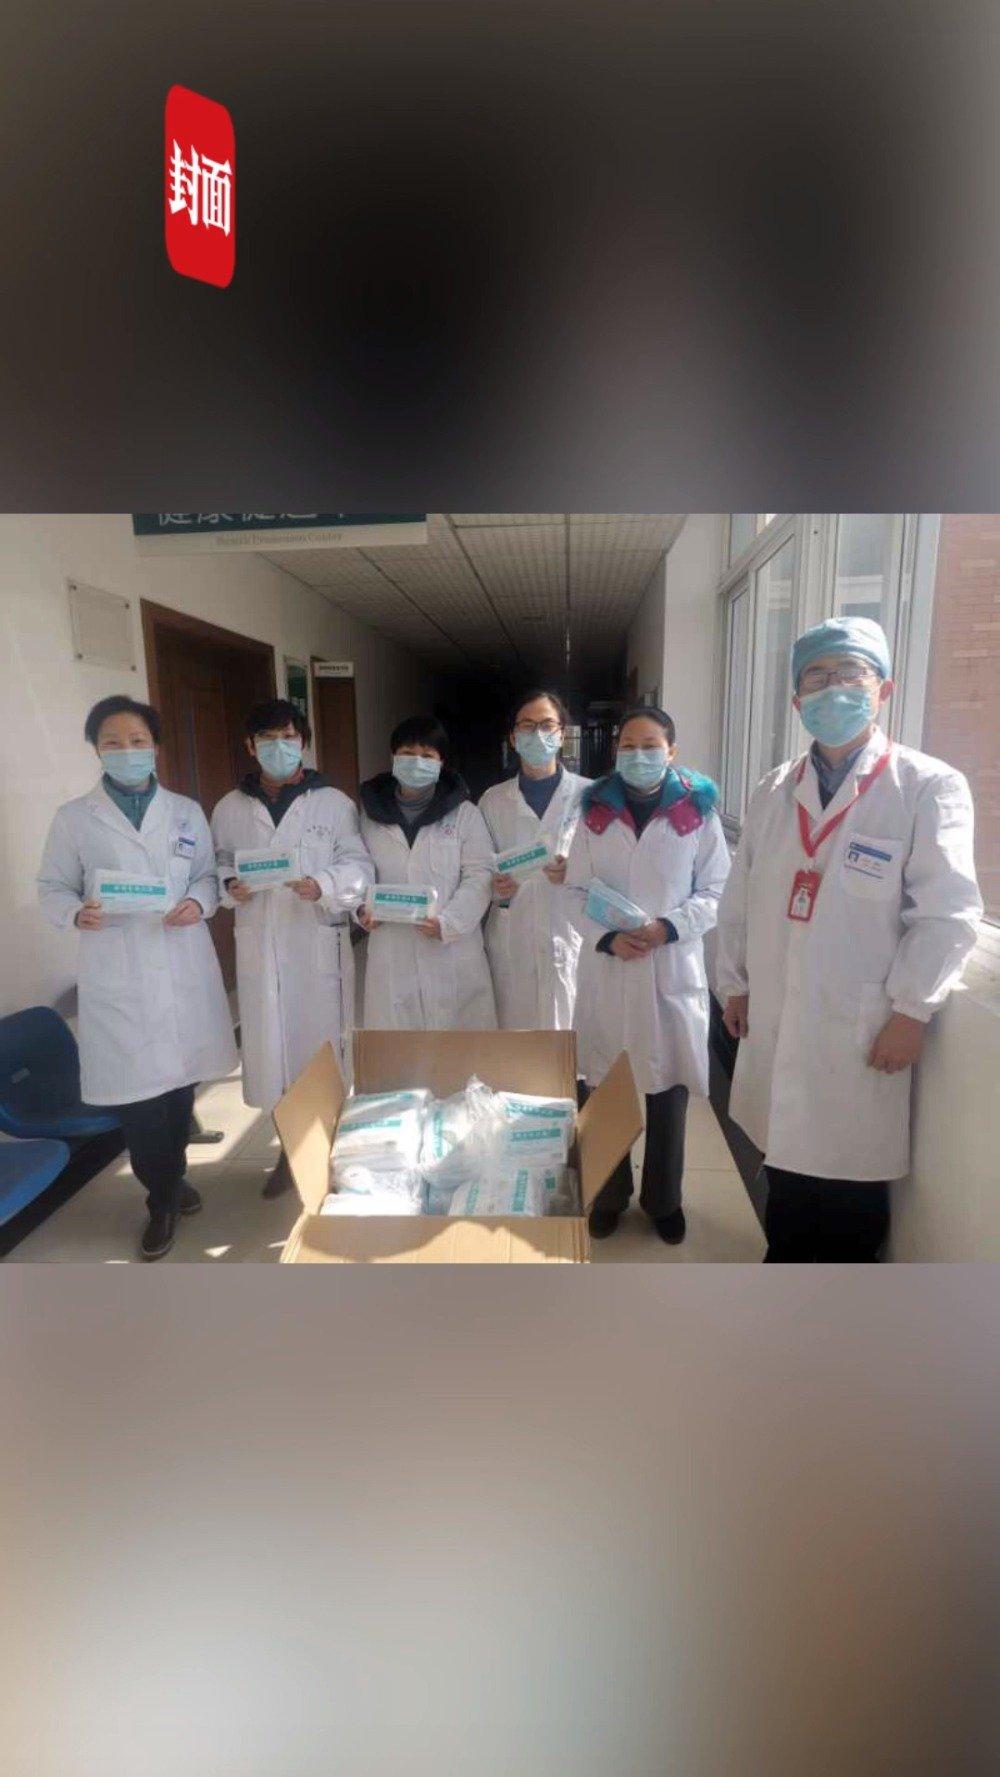 硬核大学生6年攒3万元压岁钱 买口罩捐校医院想为母校出力